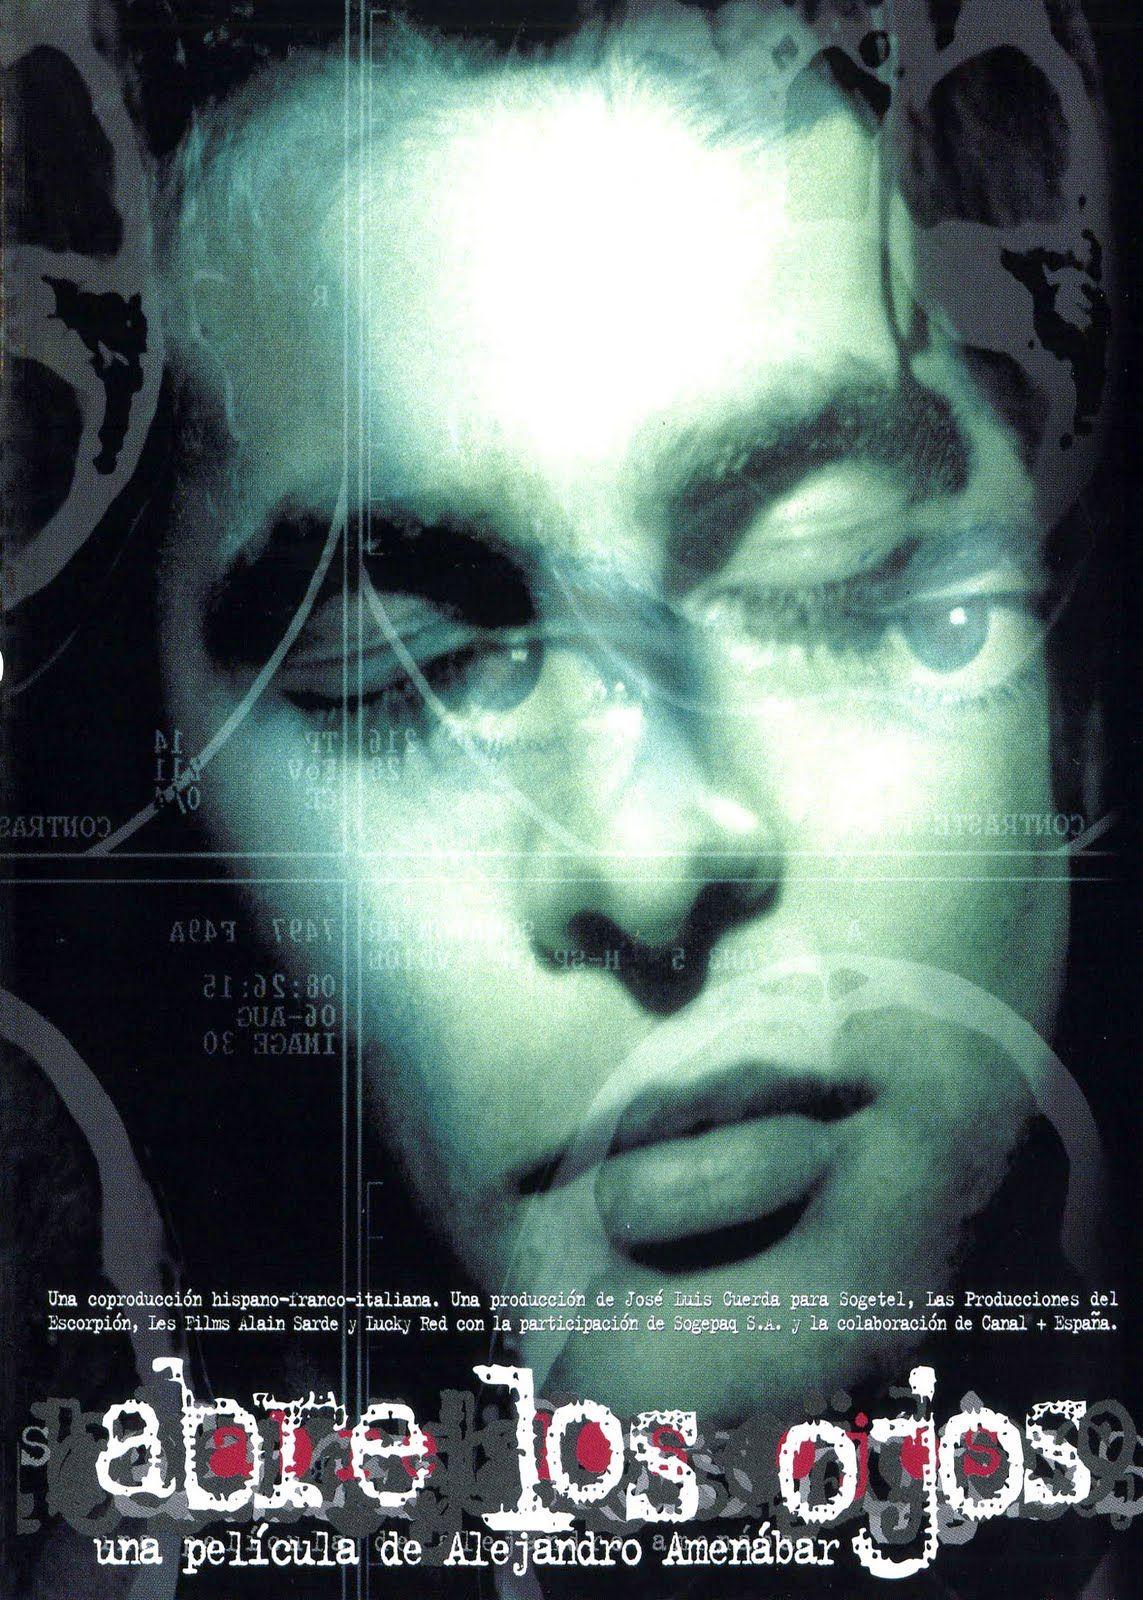 Abre Los Ojos 1997 Alejandro Amenabar Abrir Los Ojos Peliculas Completas Peliculas De Culto